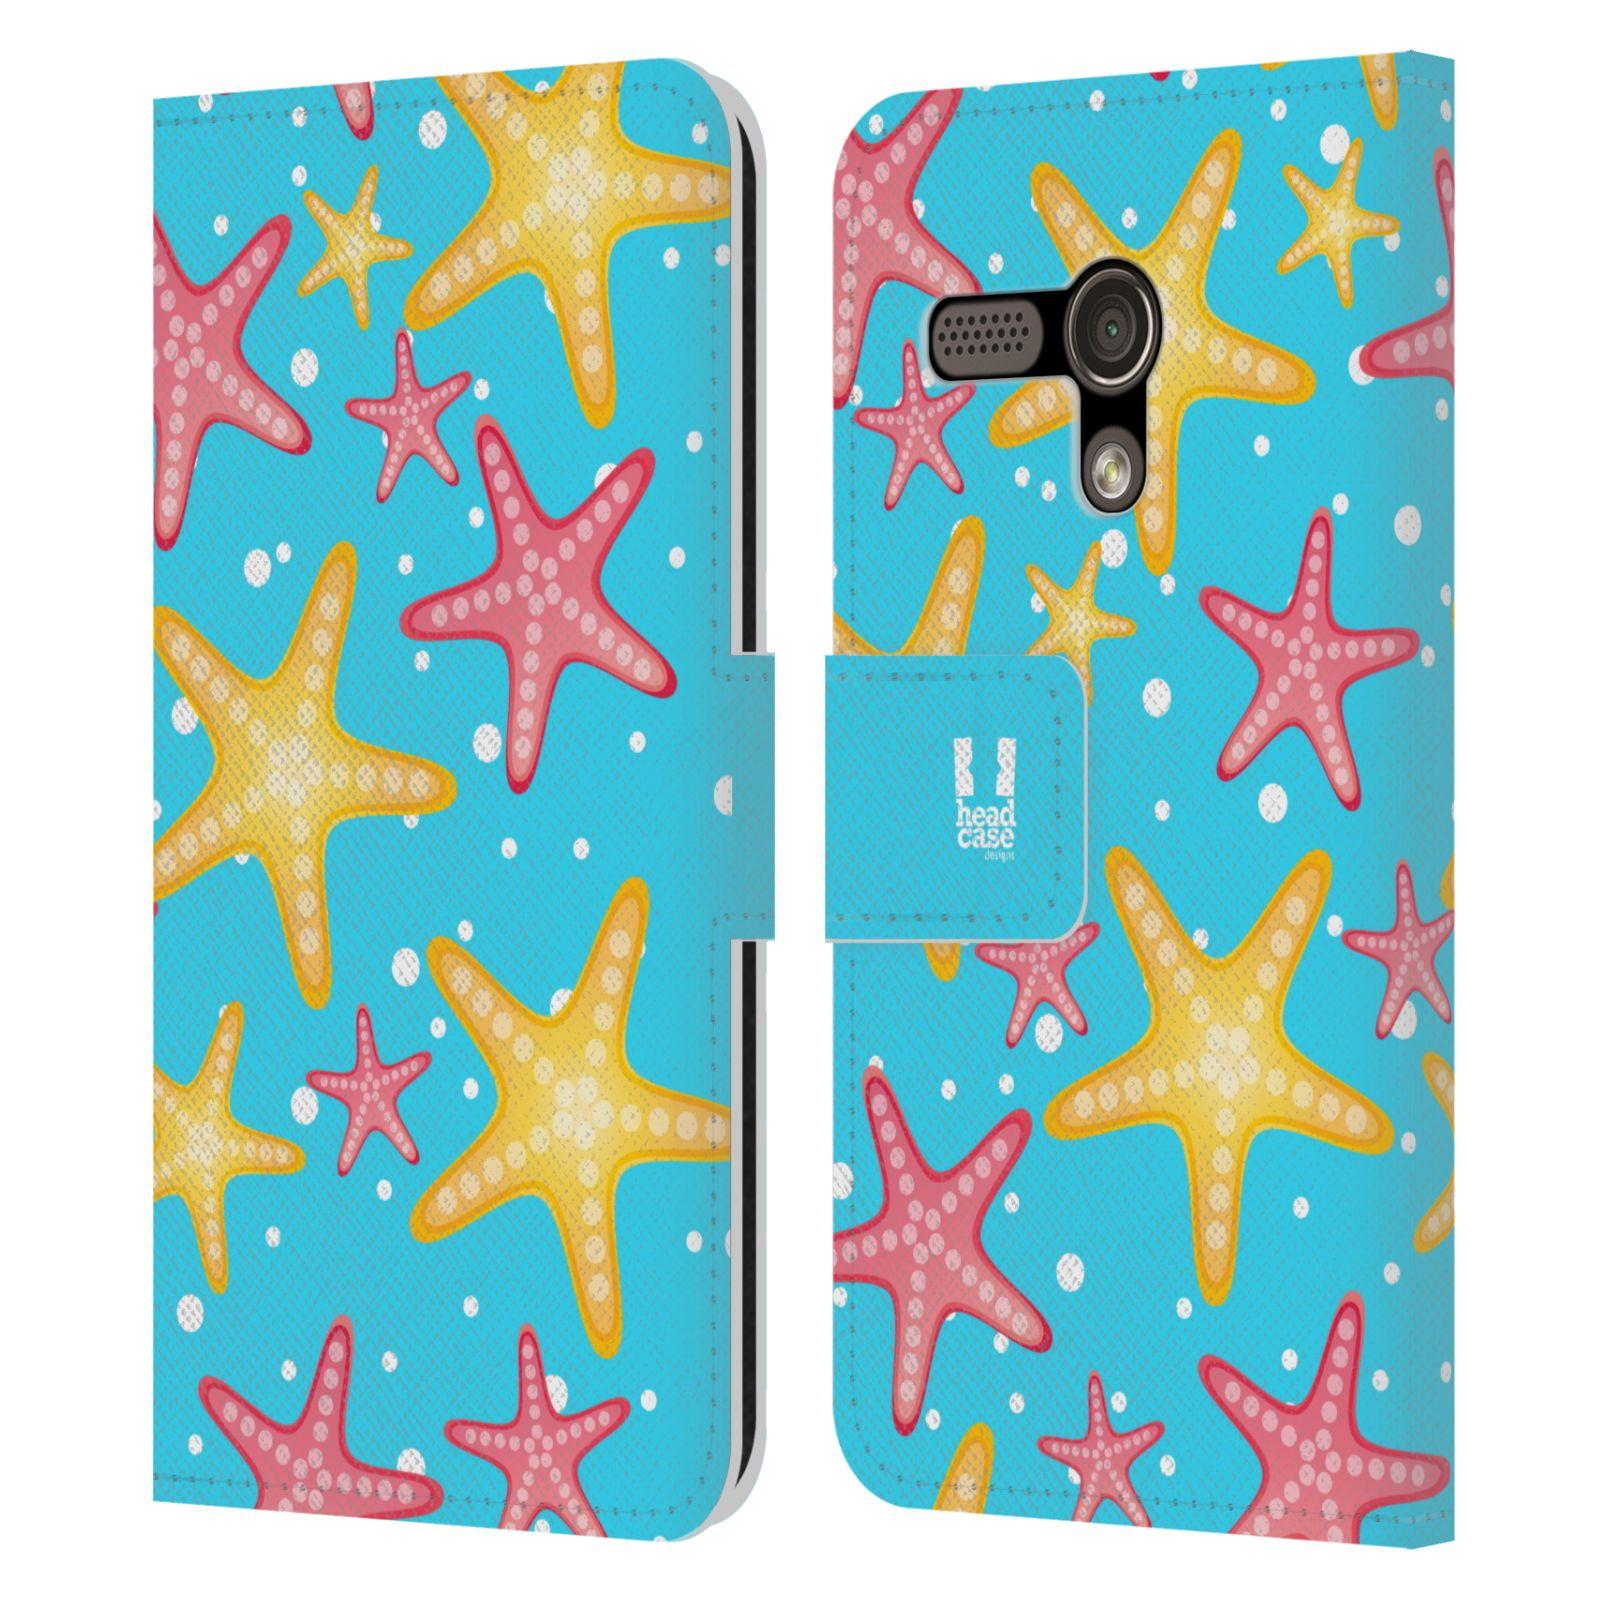 HEAD CASE Flipové pouzdro pro mobil MOTOROLA MOTO G Mořský živočich hvězdice modrá barva pozadí